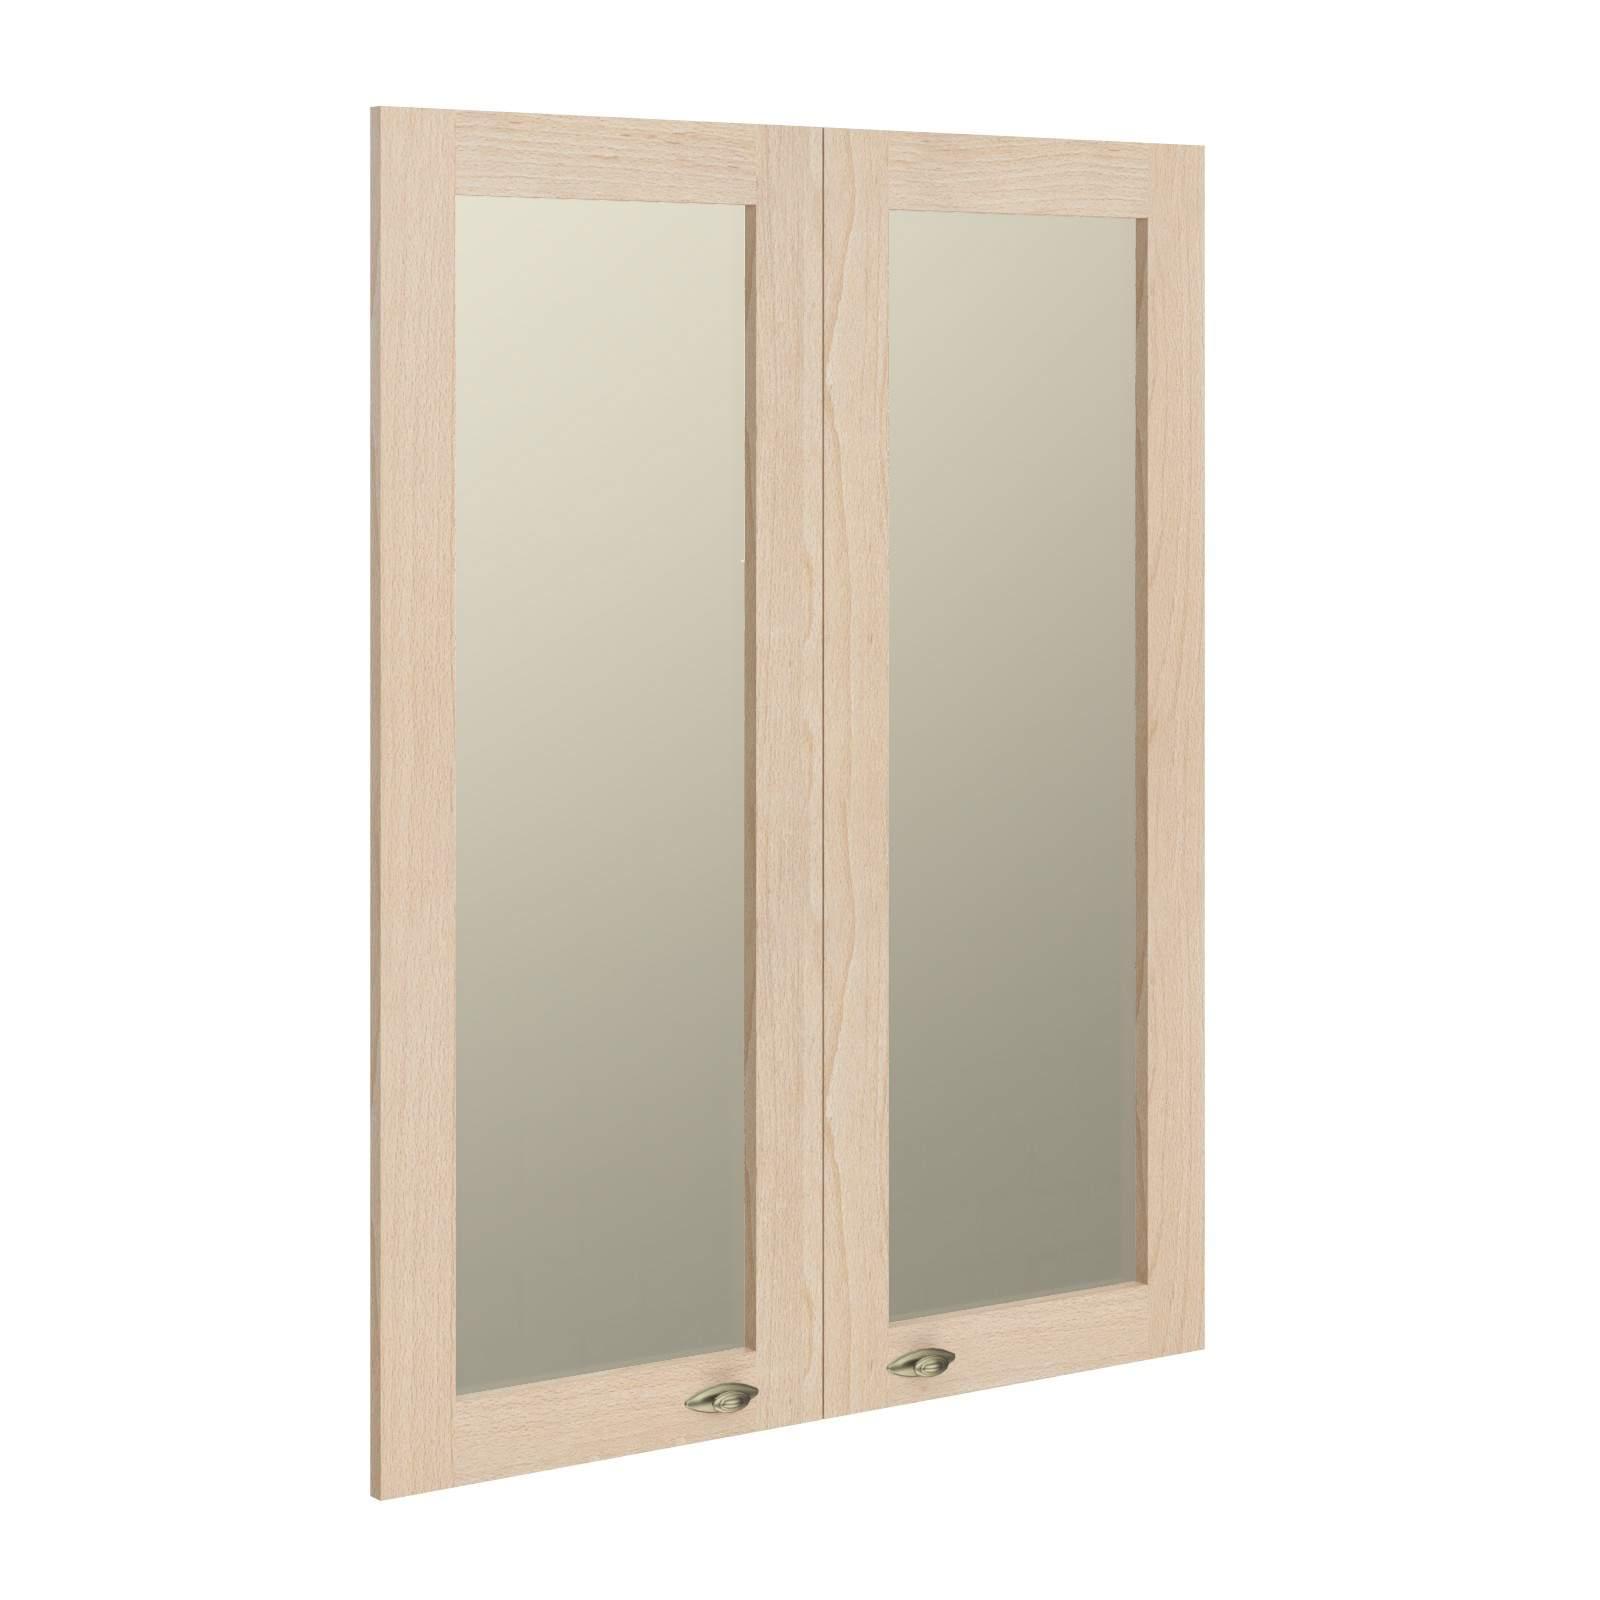 Стеклянные рамочные двери 880x27x1132